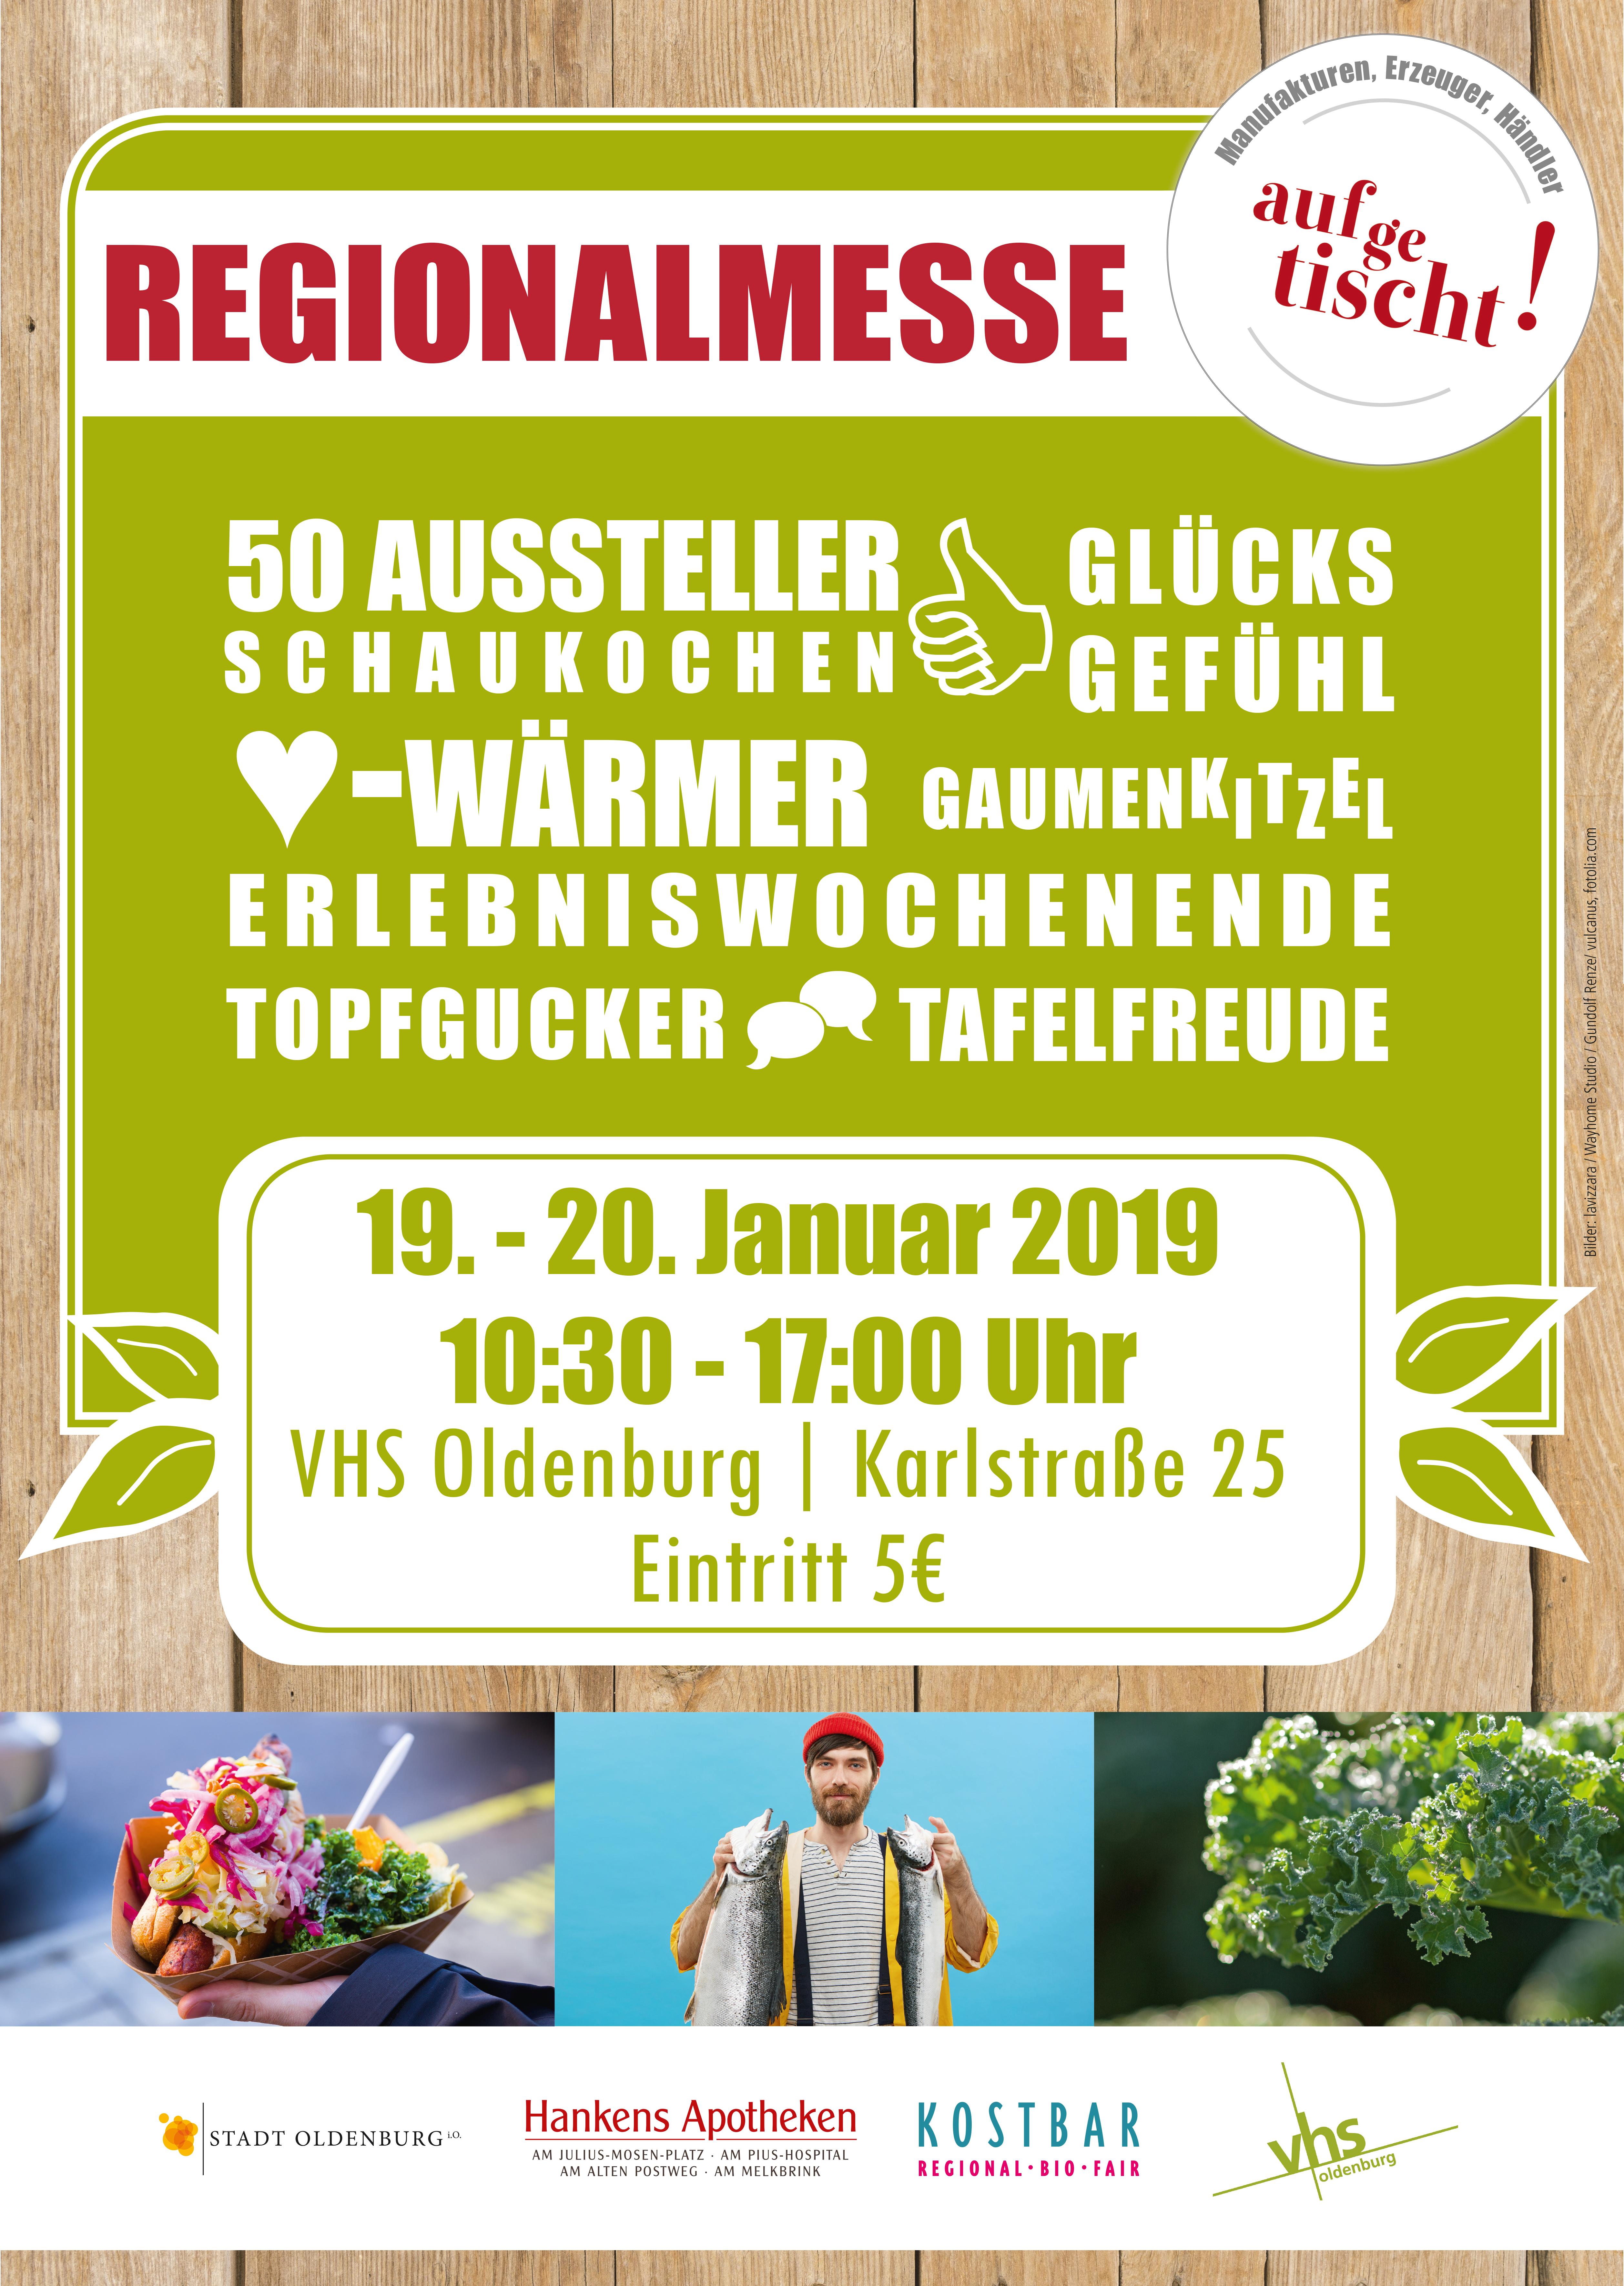 VHS-OL_Regionalmesse-Aufgetischt-Plakat-2019_MUV_2018-12-03